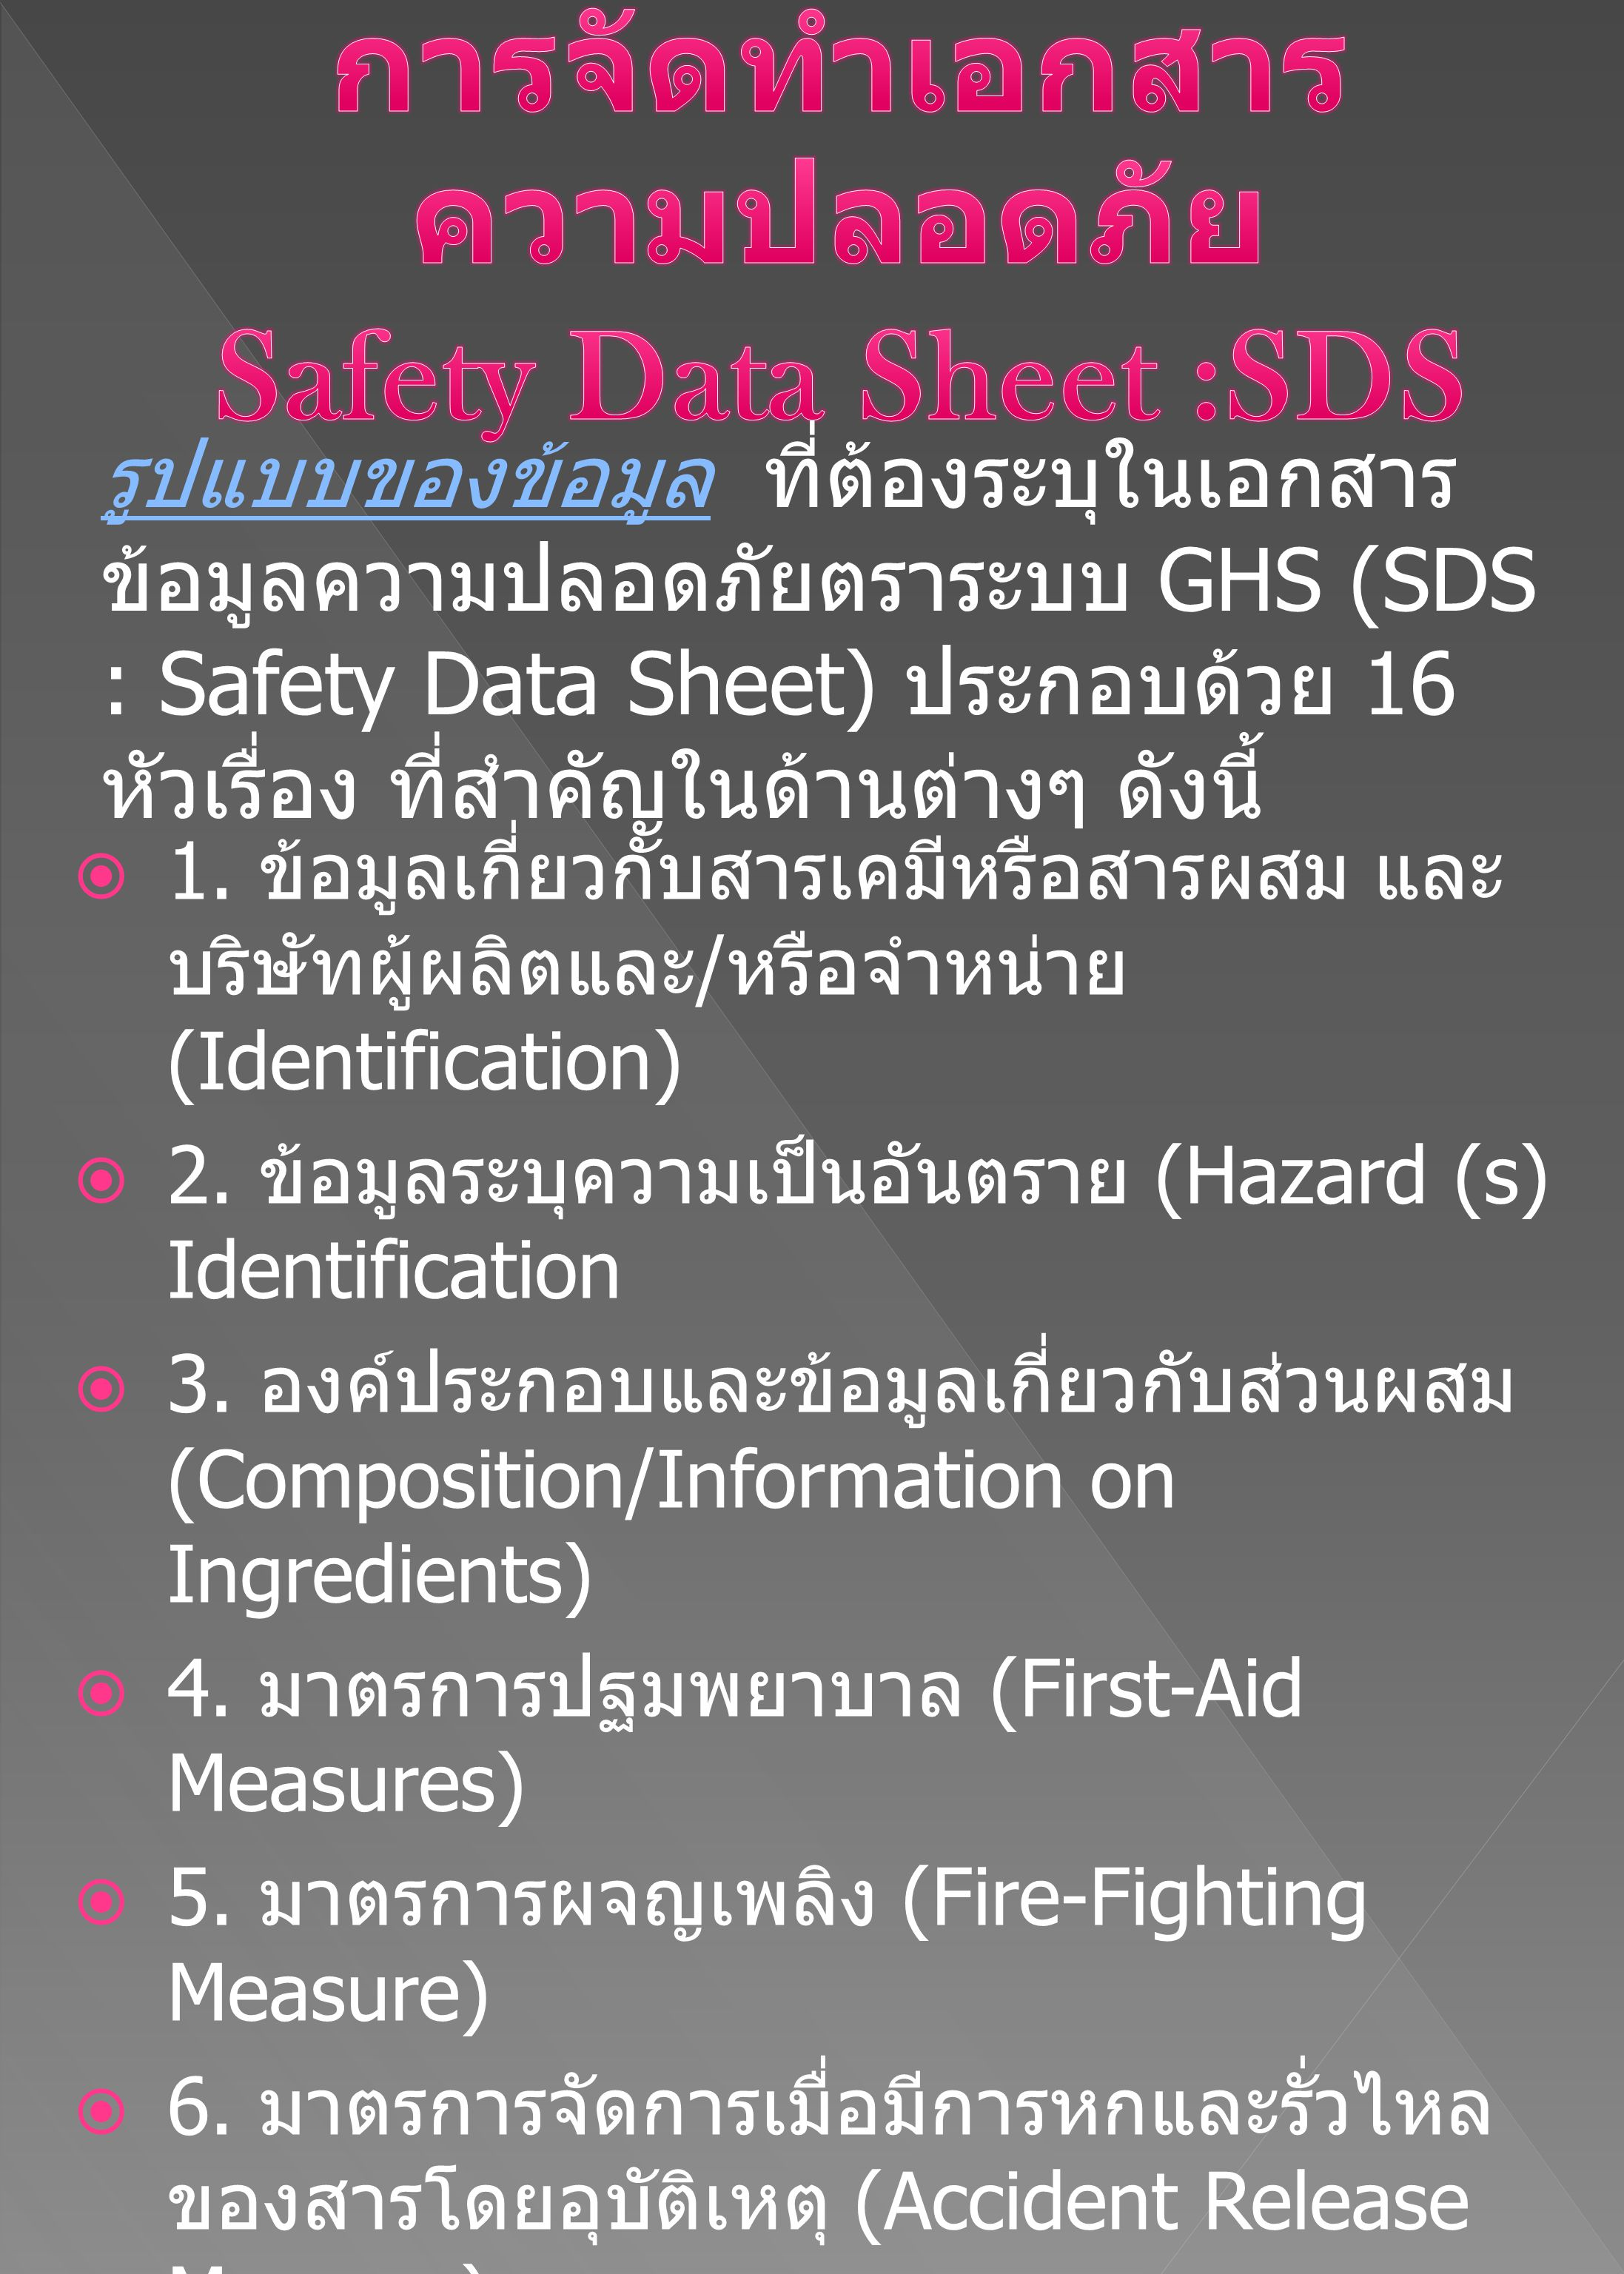 การจัดทำเอกสารความปลอดภัย Safety Data Sheet :SDS